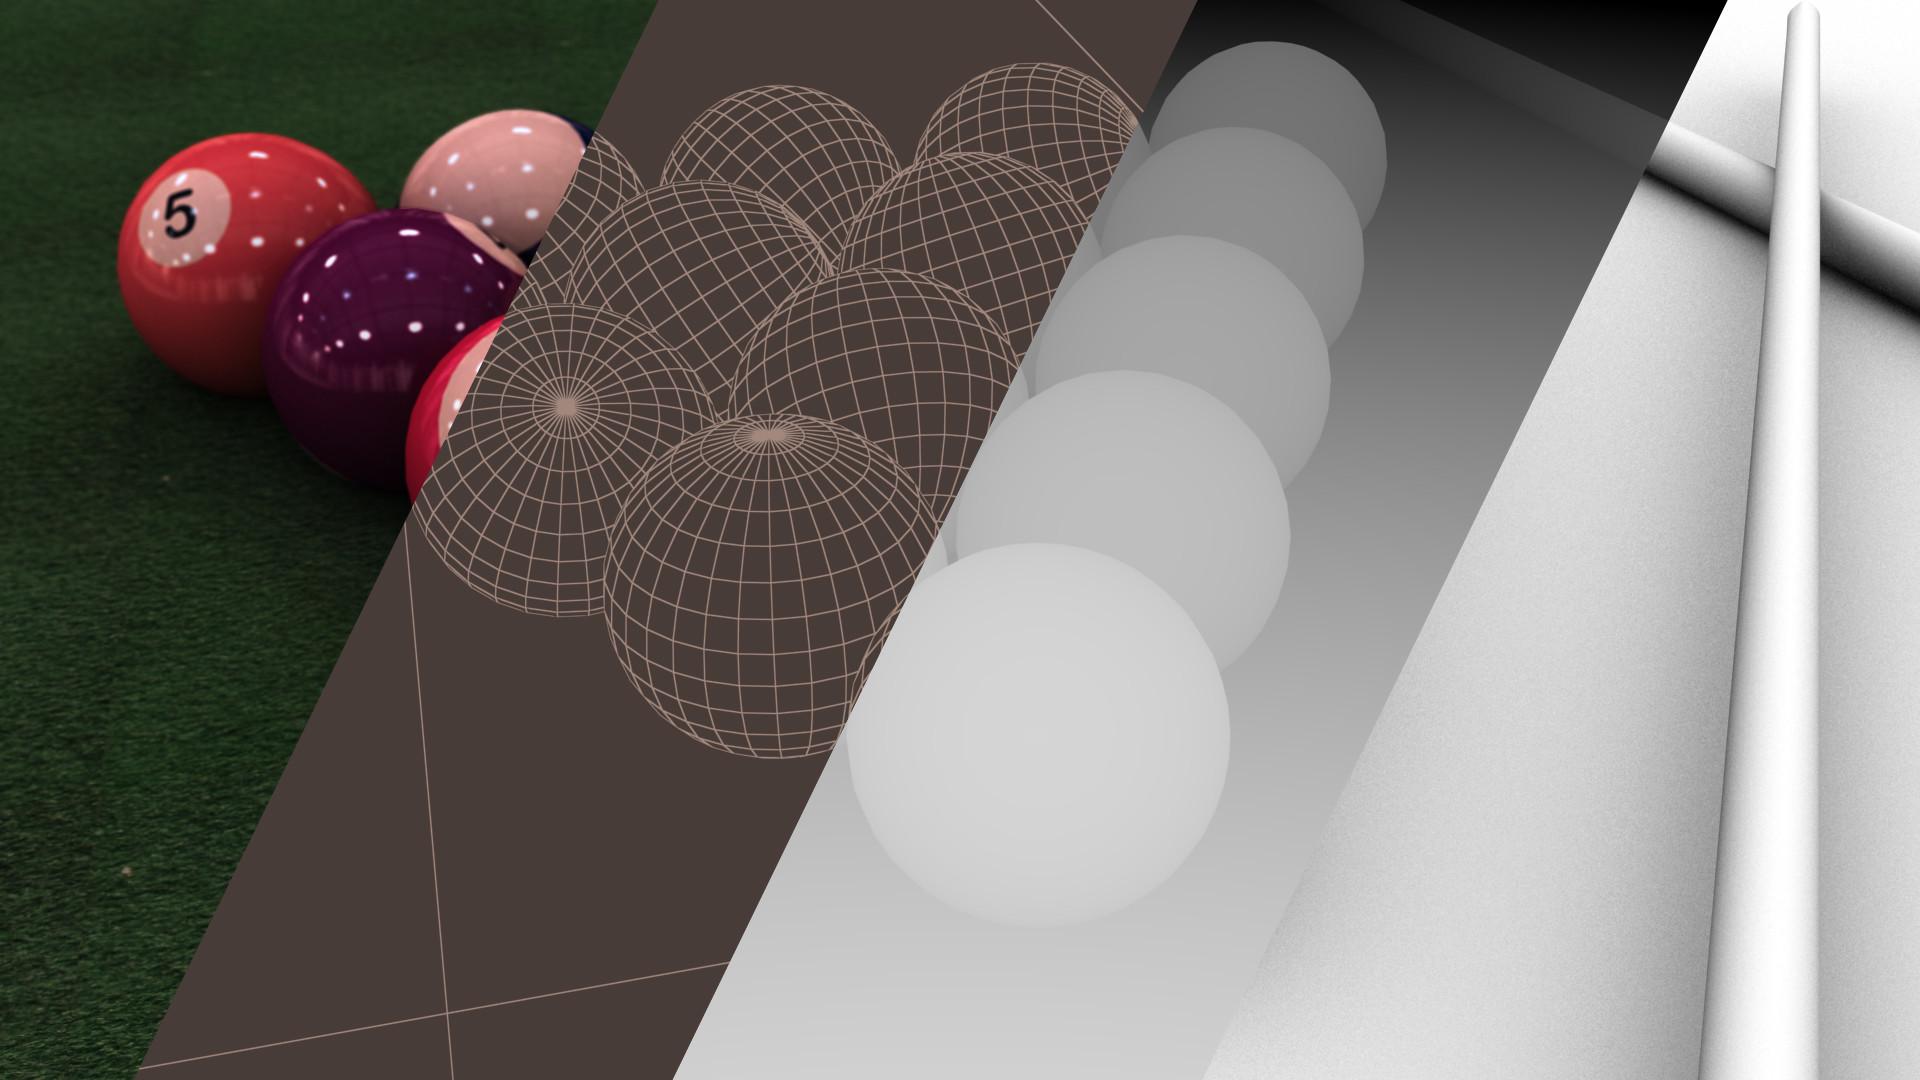 ArtStation Ball Omri Schick - Pool table breakdown